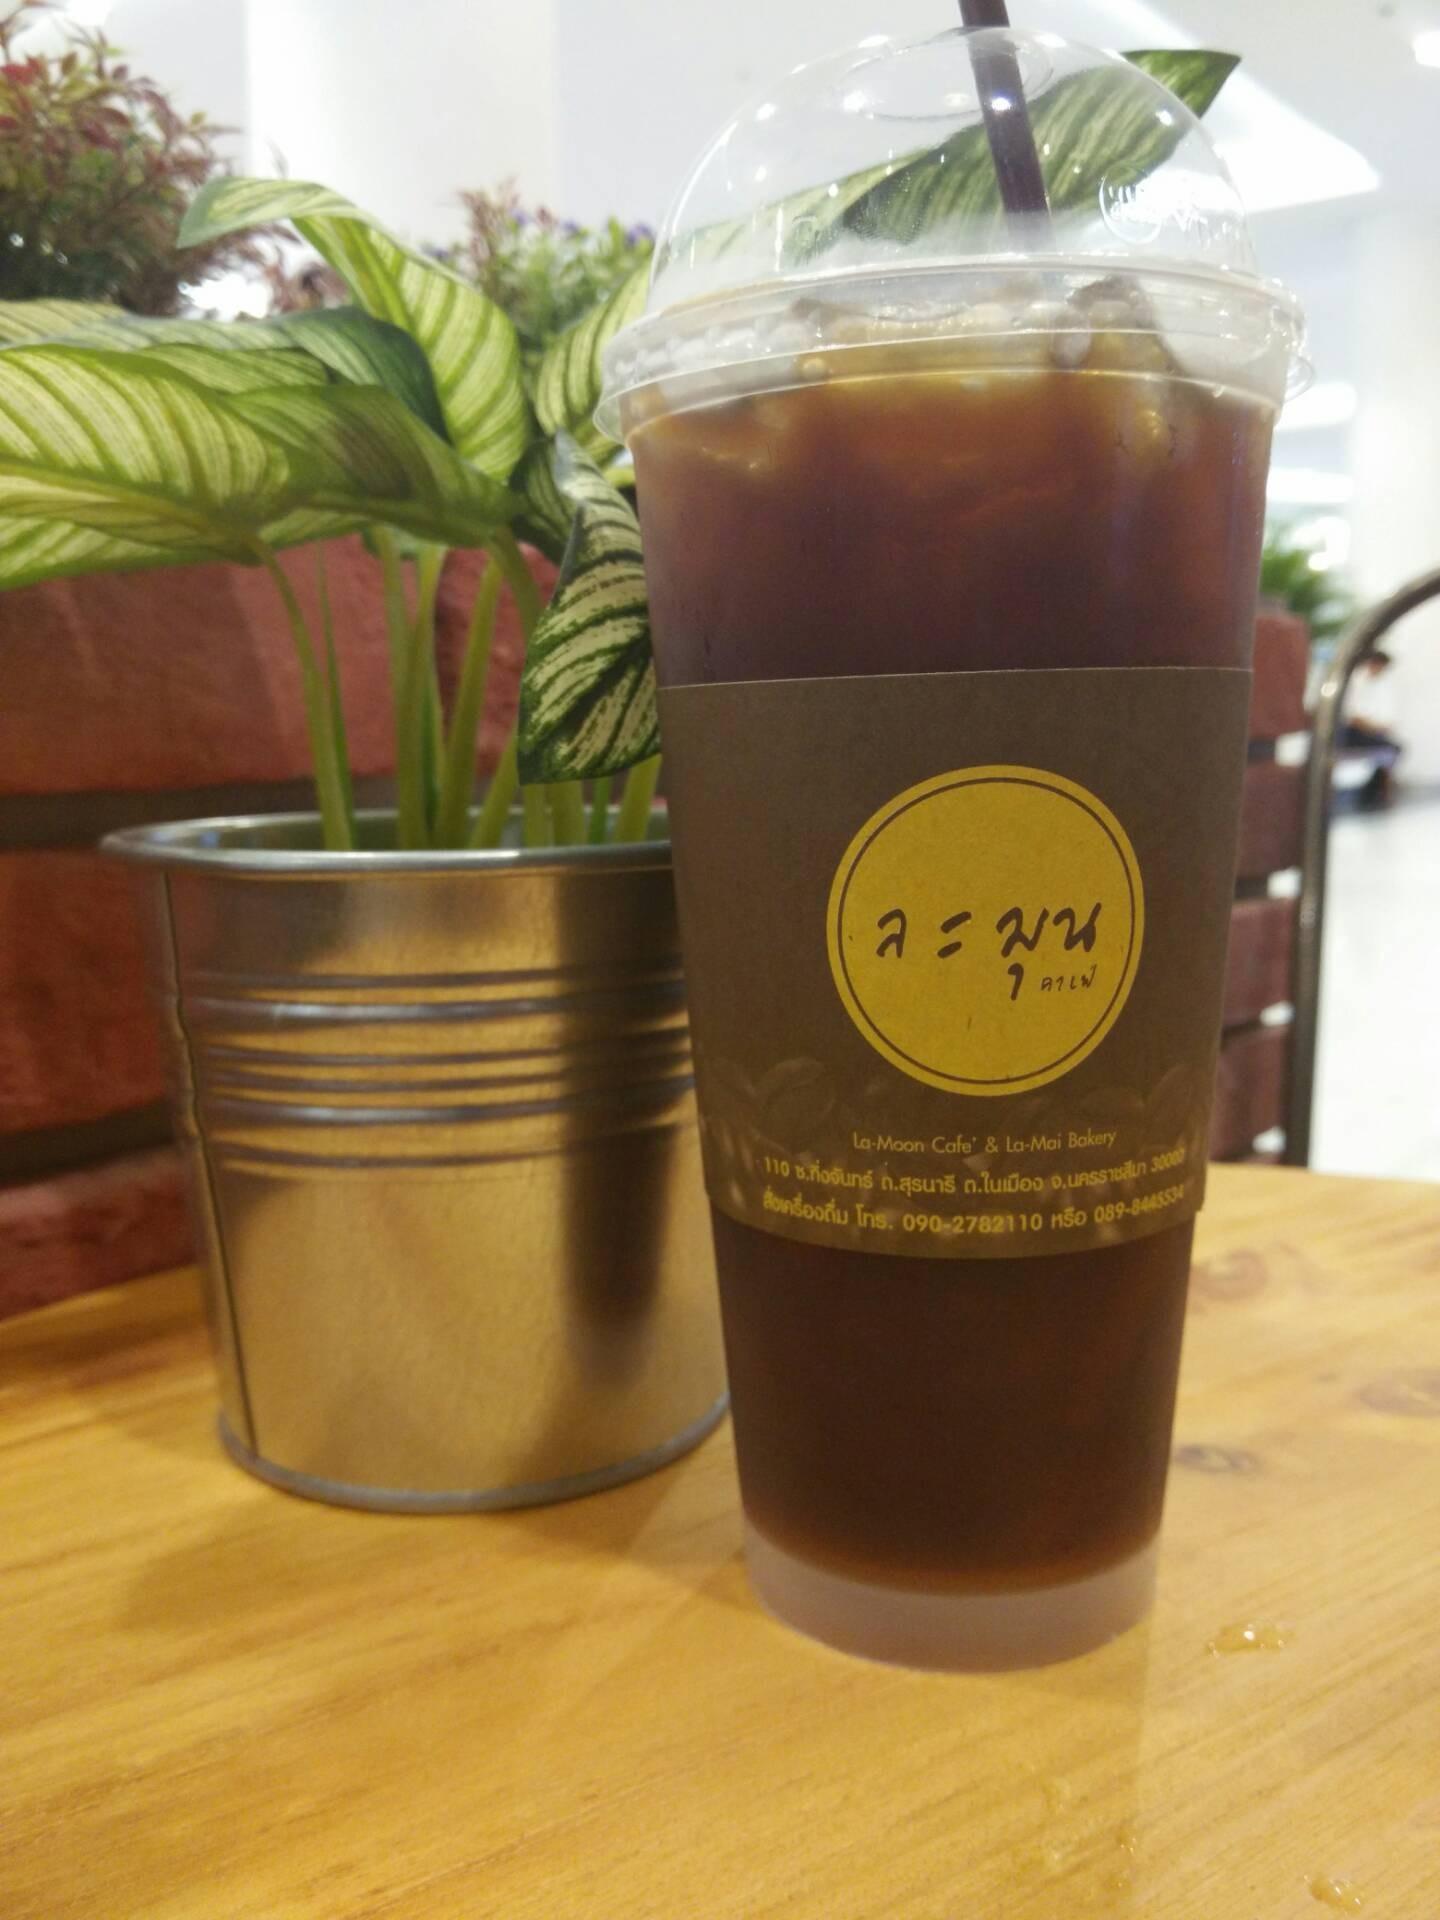 ร้าน La-moon Cafe' เดอะมอลล์ โคราช | รีวิวร้านอาหาร - Wongnai